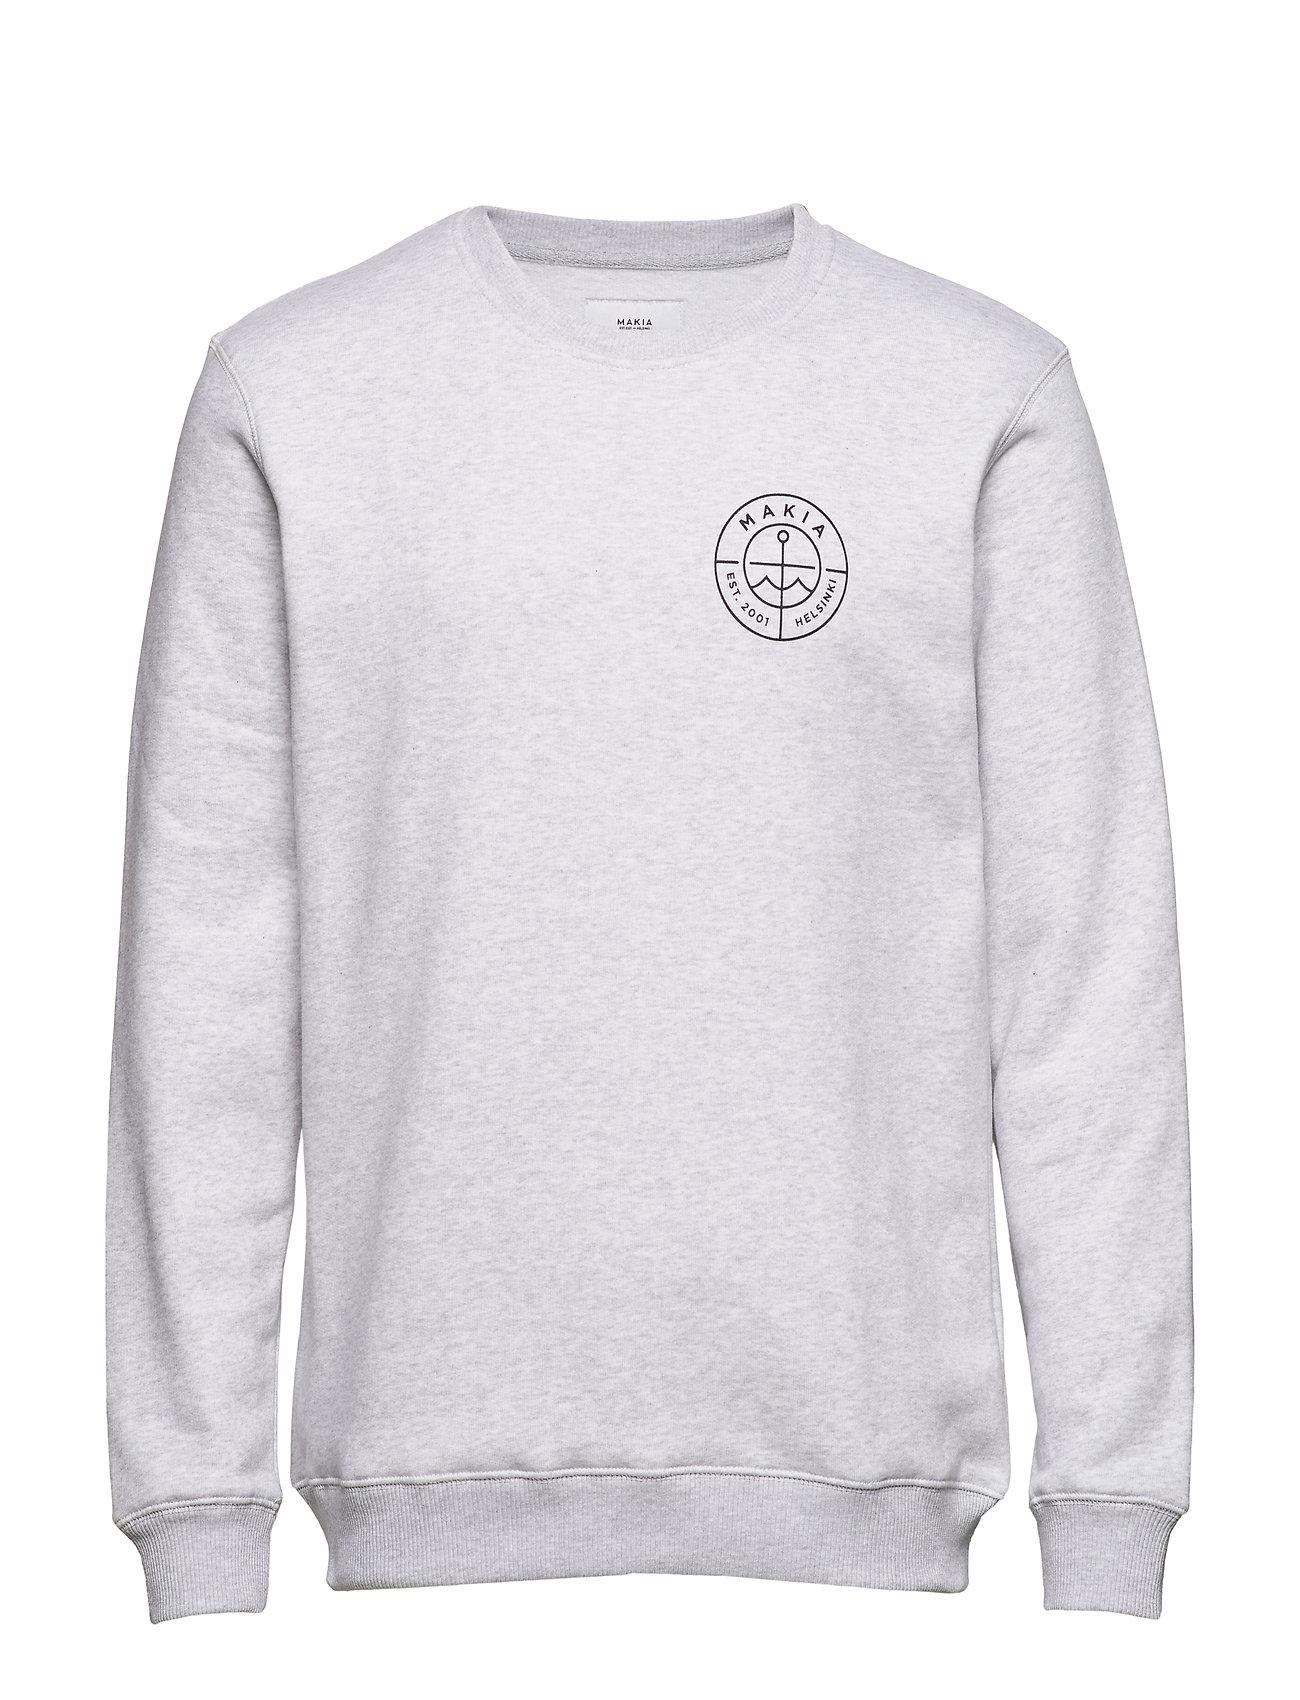 Makia Range Sweatshirt - LIGHT GREY